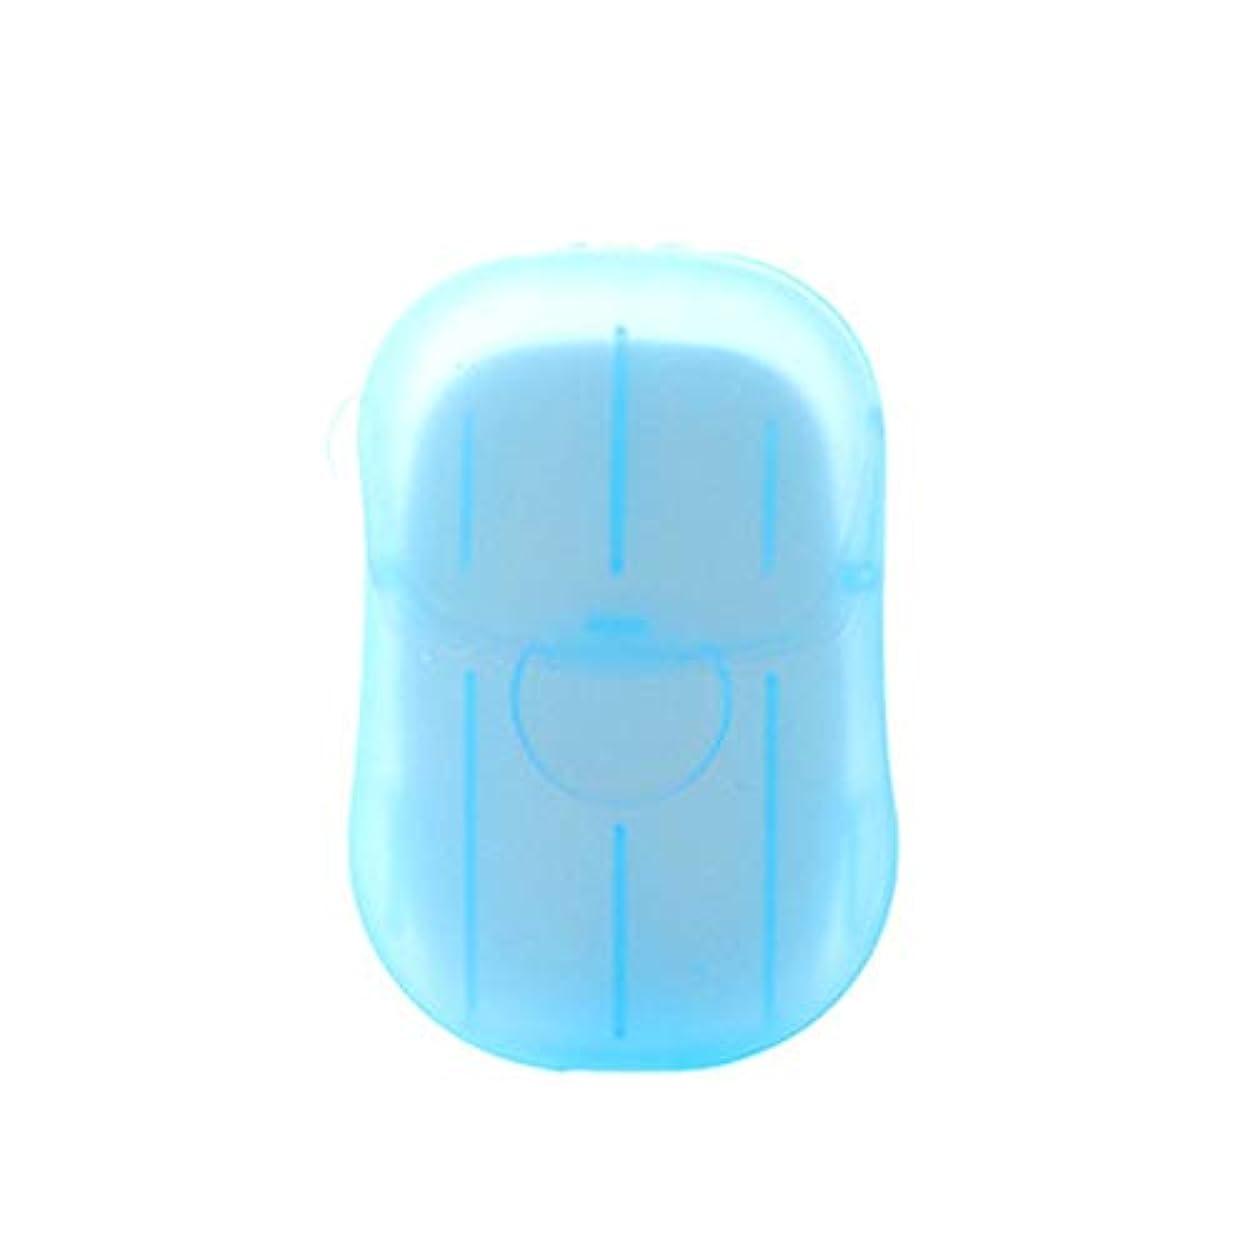 血けがをする原稿Galapara 紙石鹸 使い捨て石鹸ケース 20枚石鹸ペーパー香料入り 旅行用品